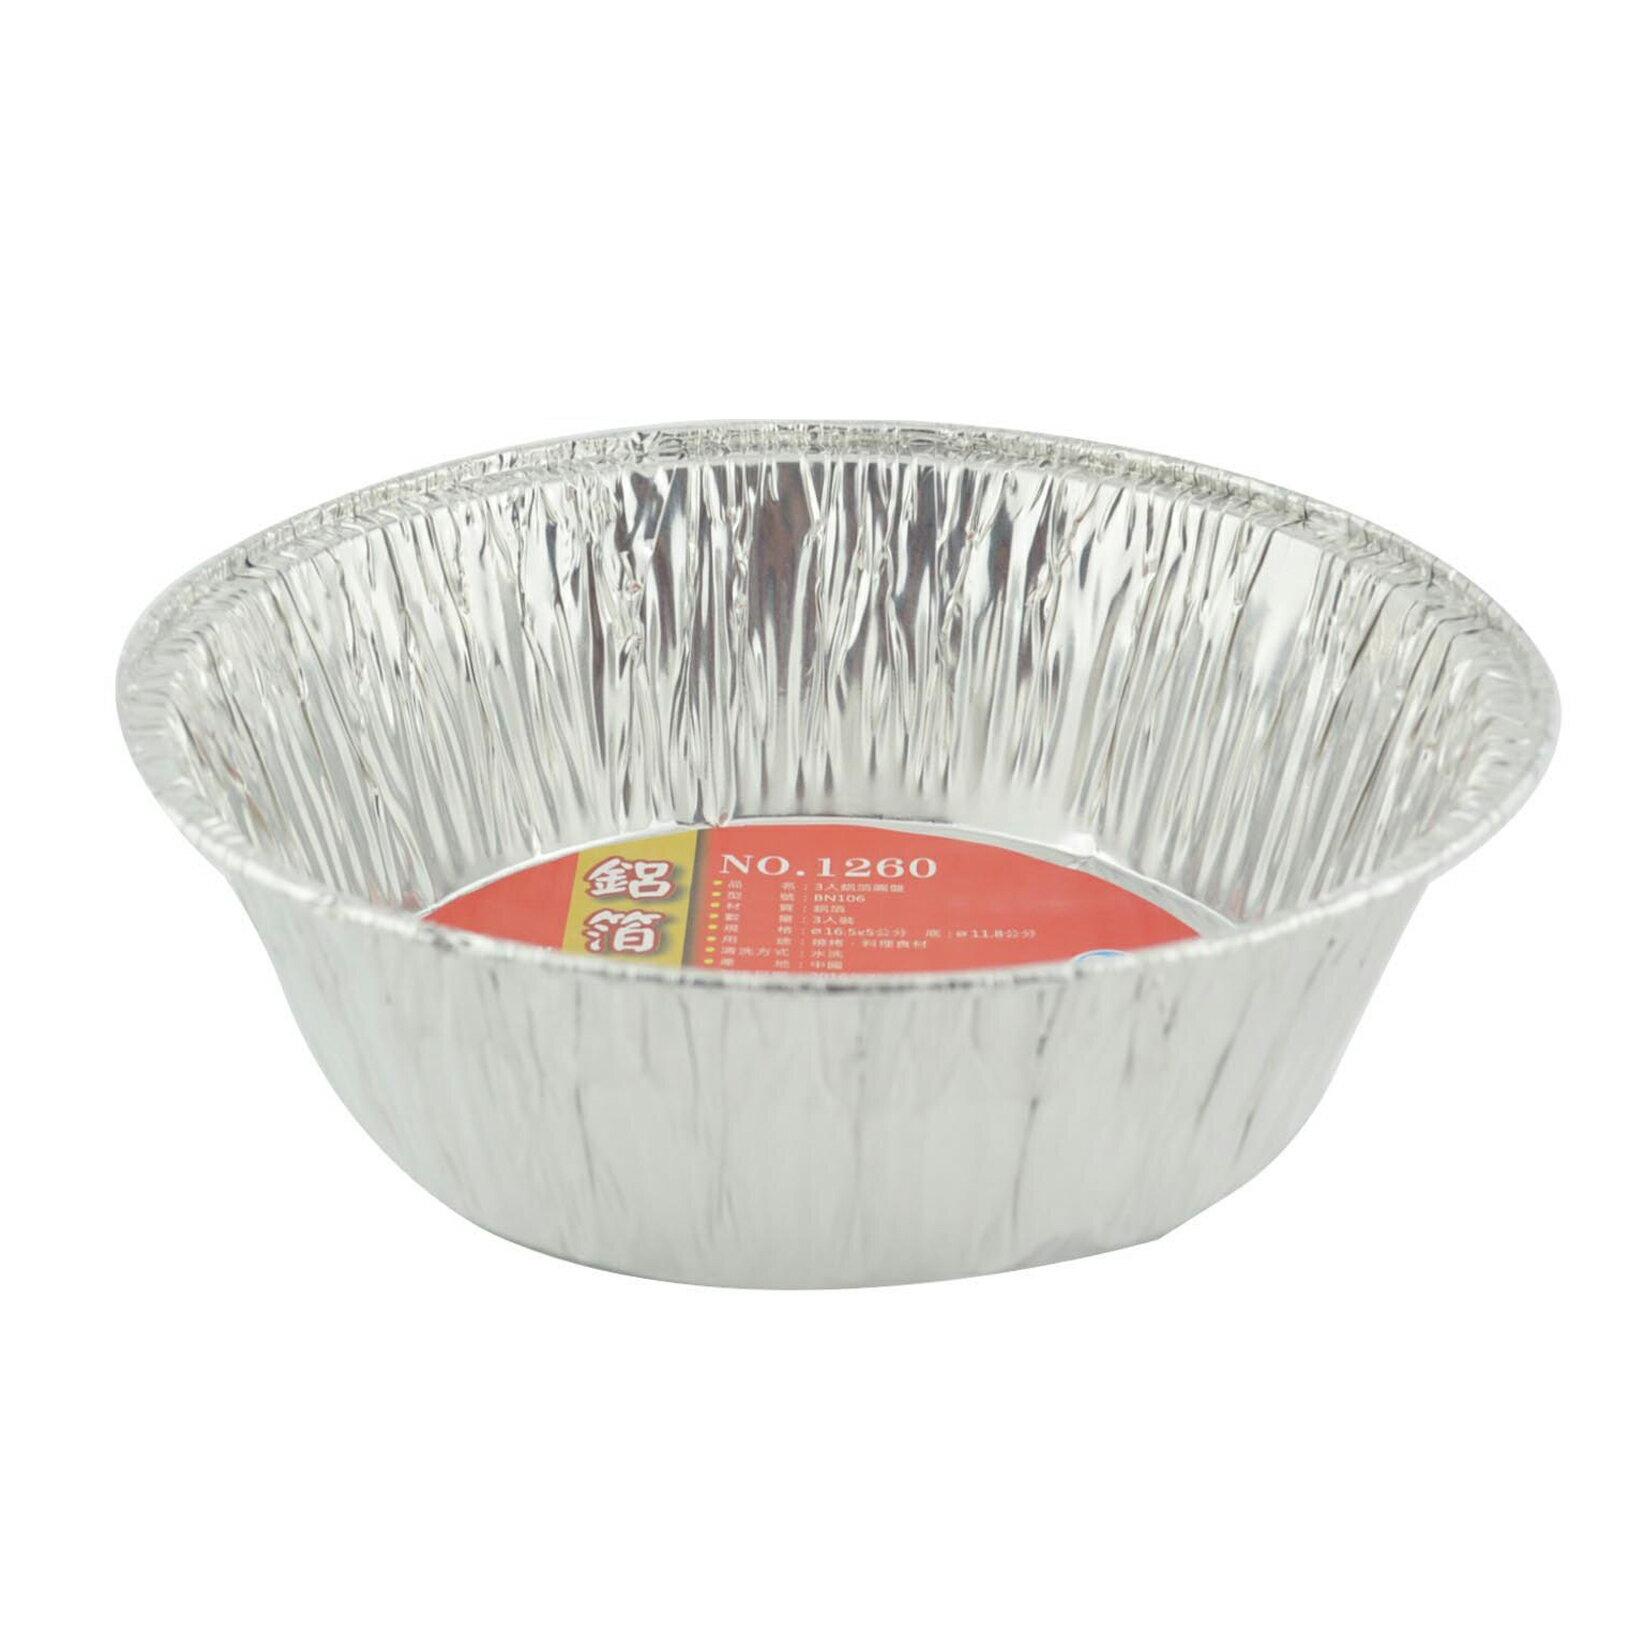 3入鋁箔圓盤NO.1260 鋁箔容器 免洗餐具 鋁盒 鋁箔盒 鋁箔碗 焗烤盒 烤肉鋁箔盒 錫紙盒 燒烤 烘焙盒 外帶打包盒